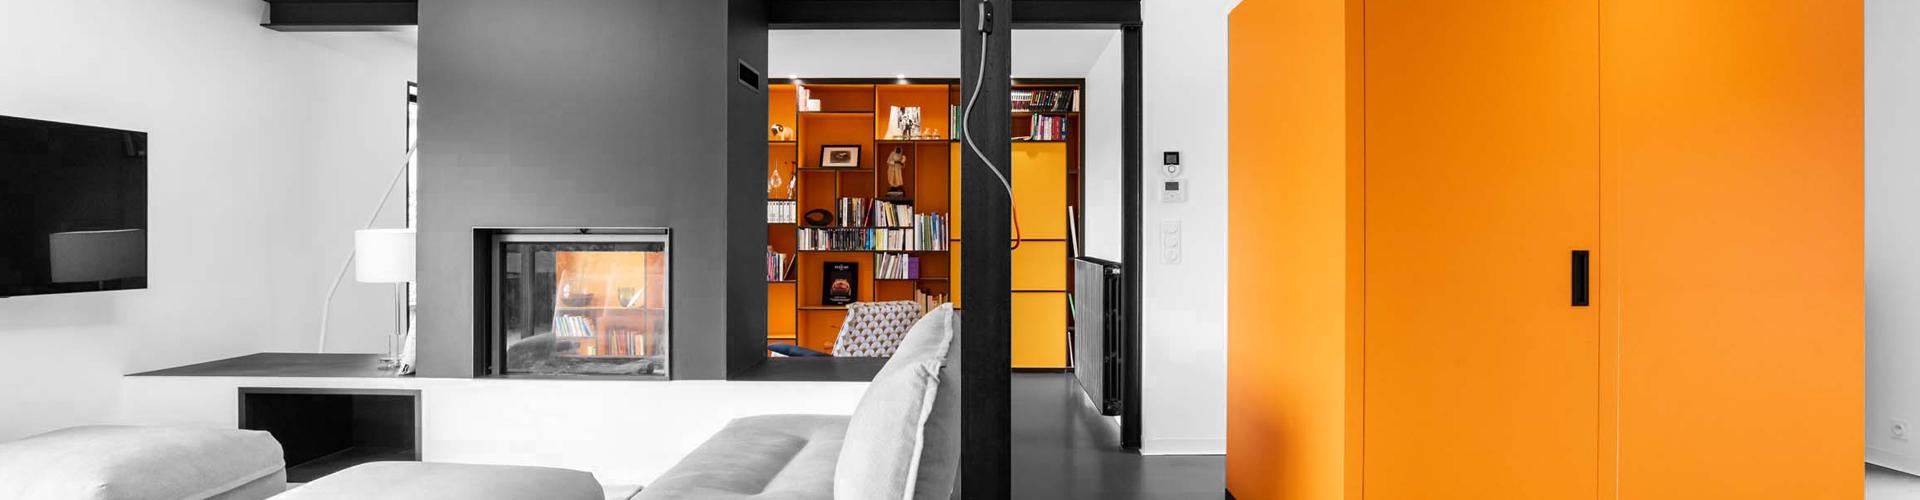 Architecte à Mazamet - Aménagement, rénovation, décoration